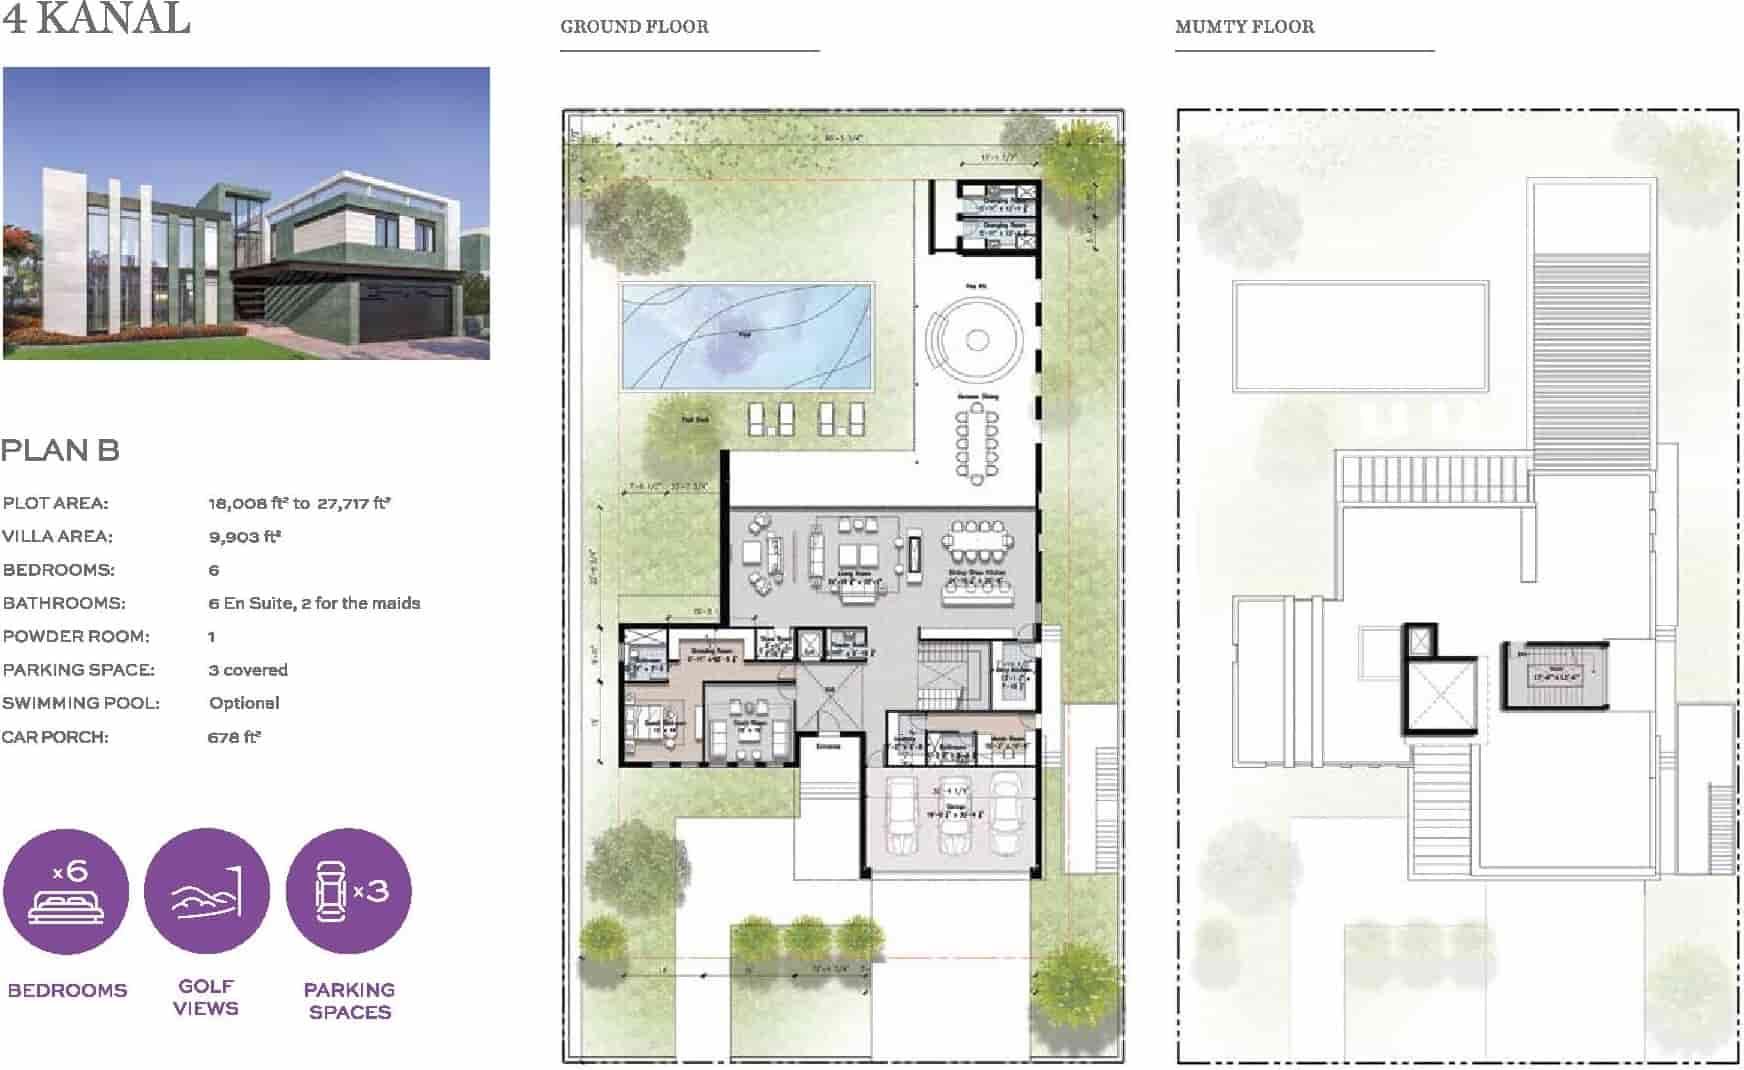 Eighteen 4 Kanal Villa Layout Plan B